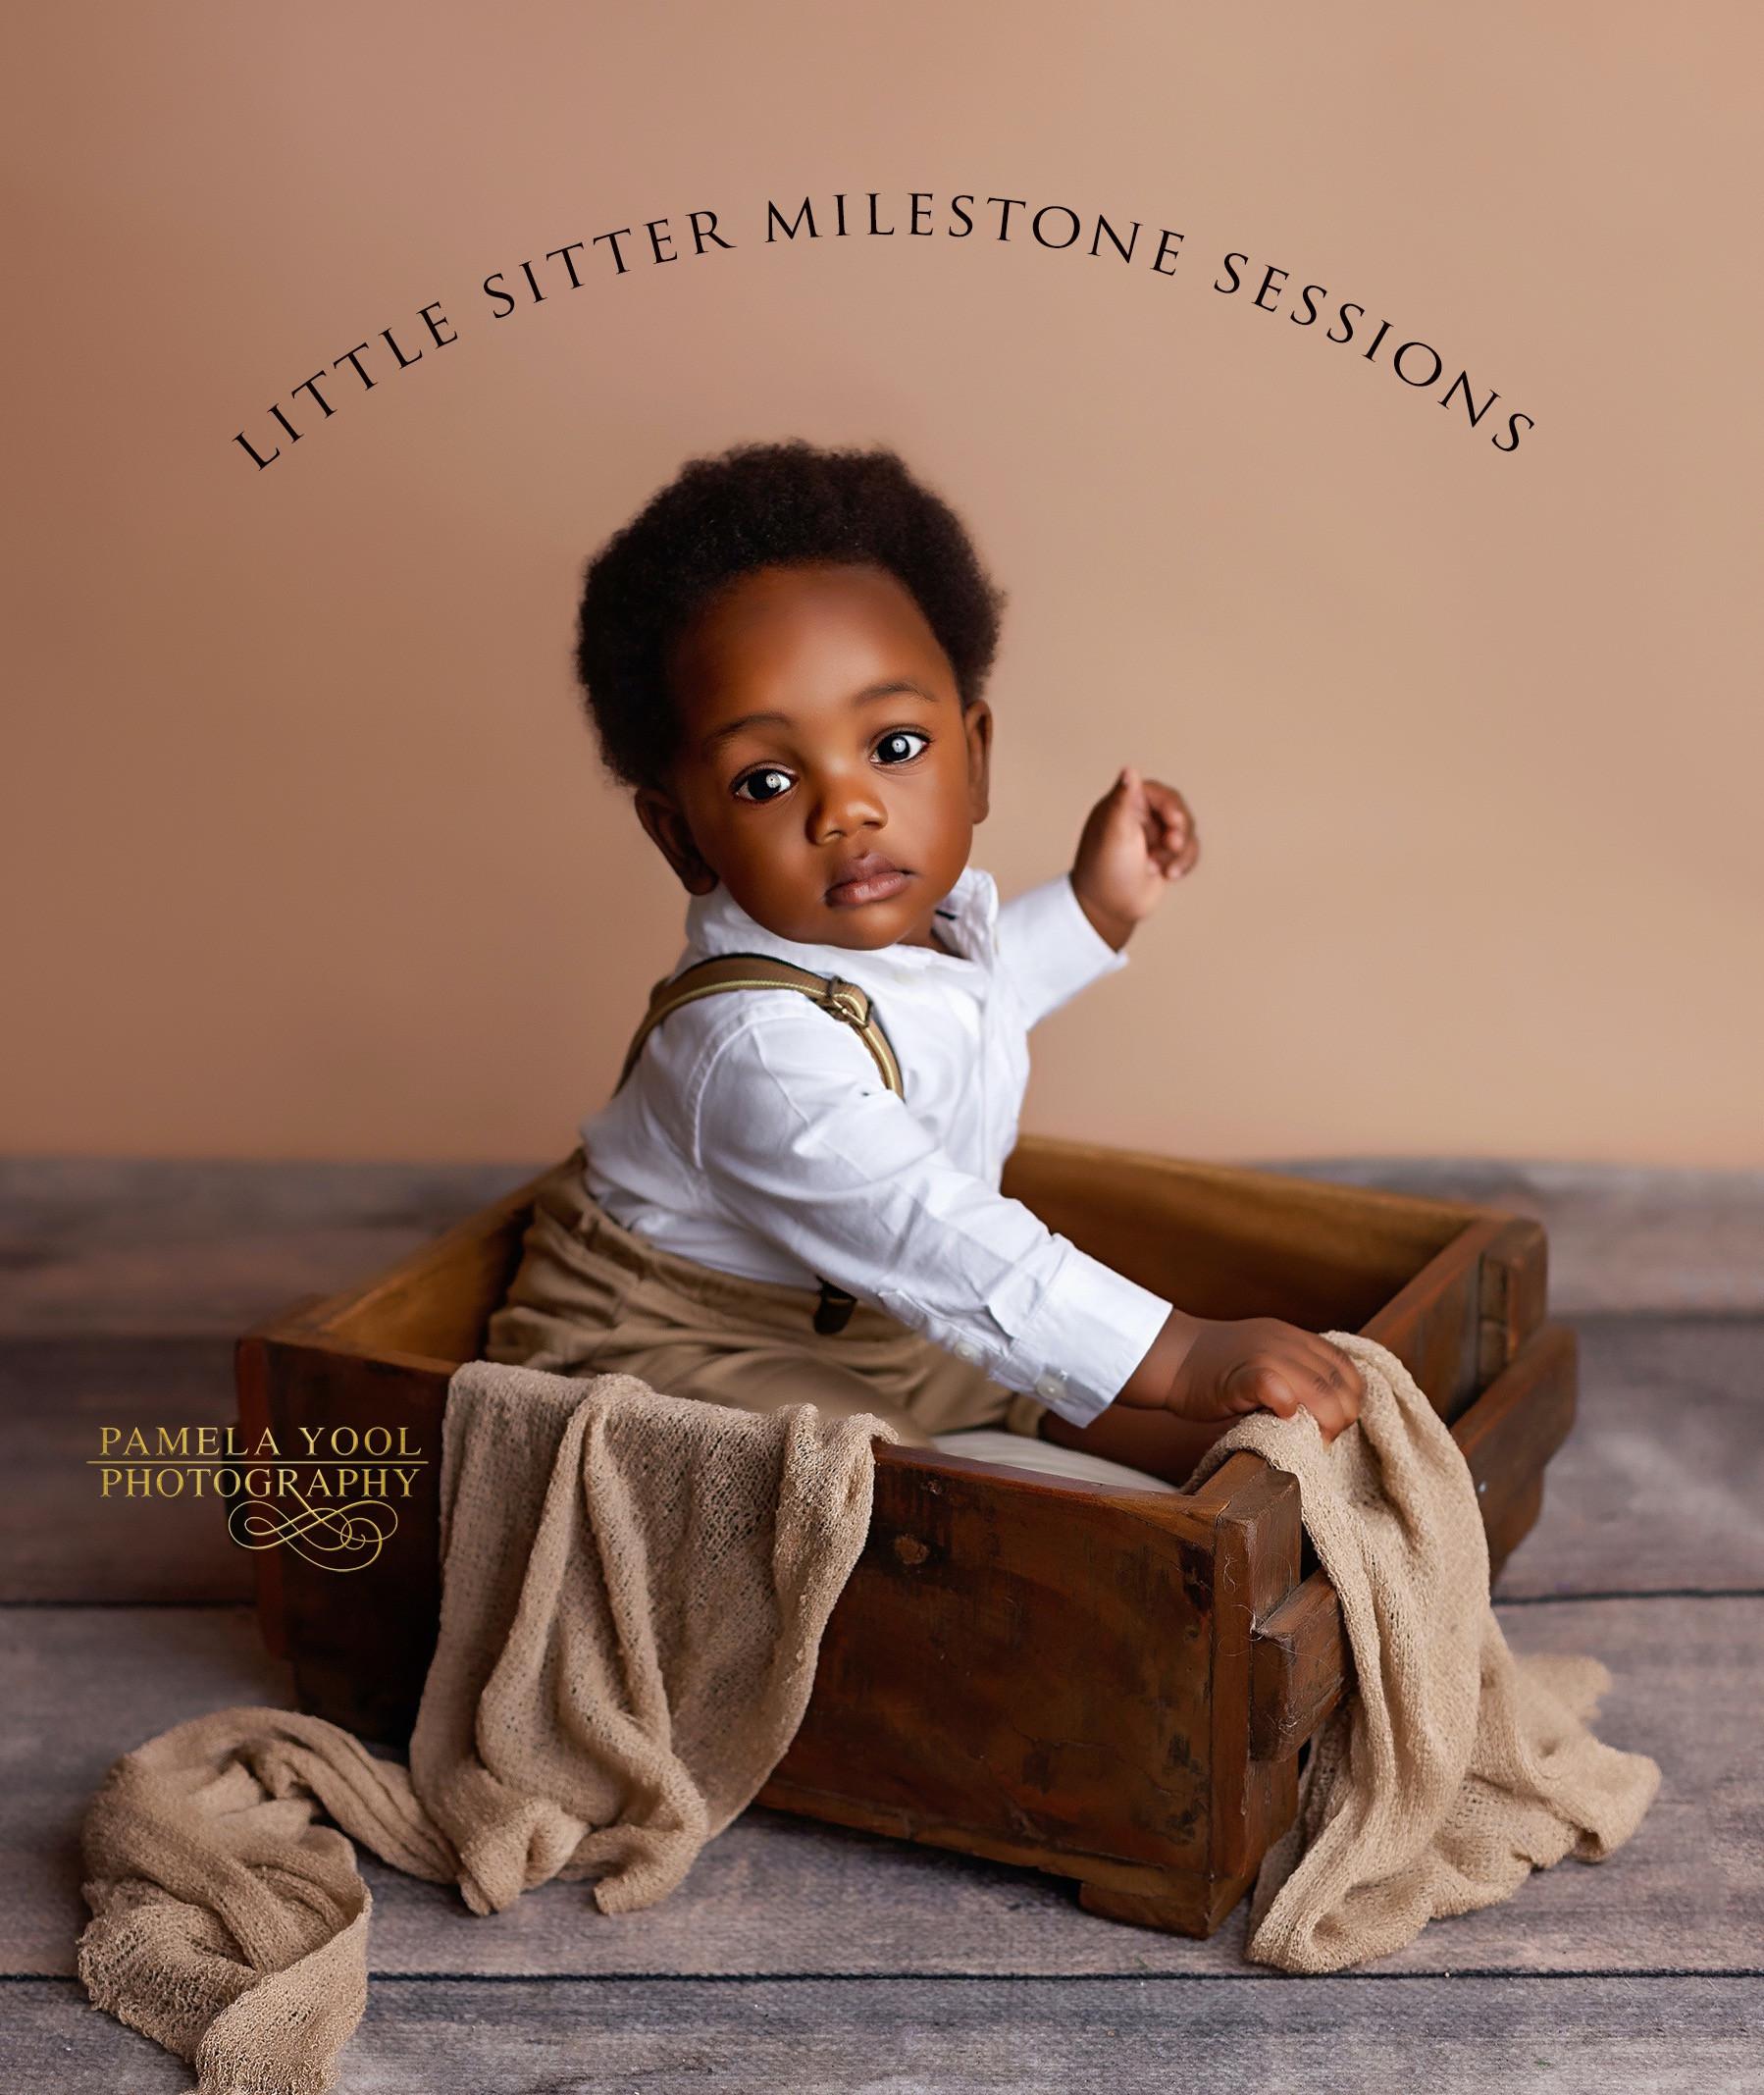 Little Sitter Milestone - May 1